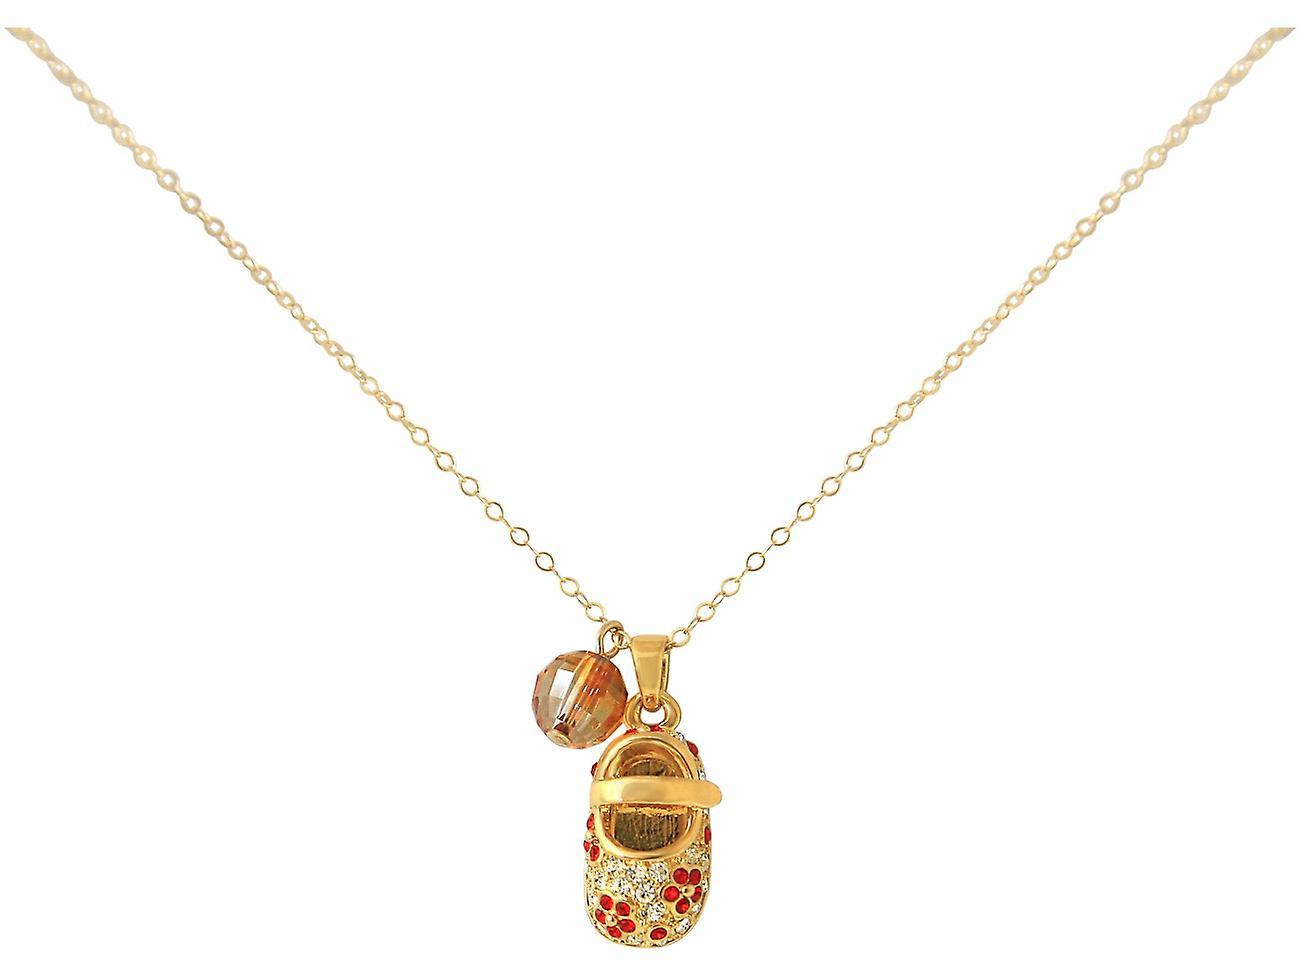 Gemshine - Damen - Kind - Halskette - Anhänger - Rot Vergoldet - Schuh - Rot - - MADE WITH SWAROVSKI ELEMENTS® - 45 cm 4e7f7d